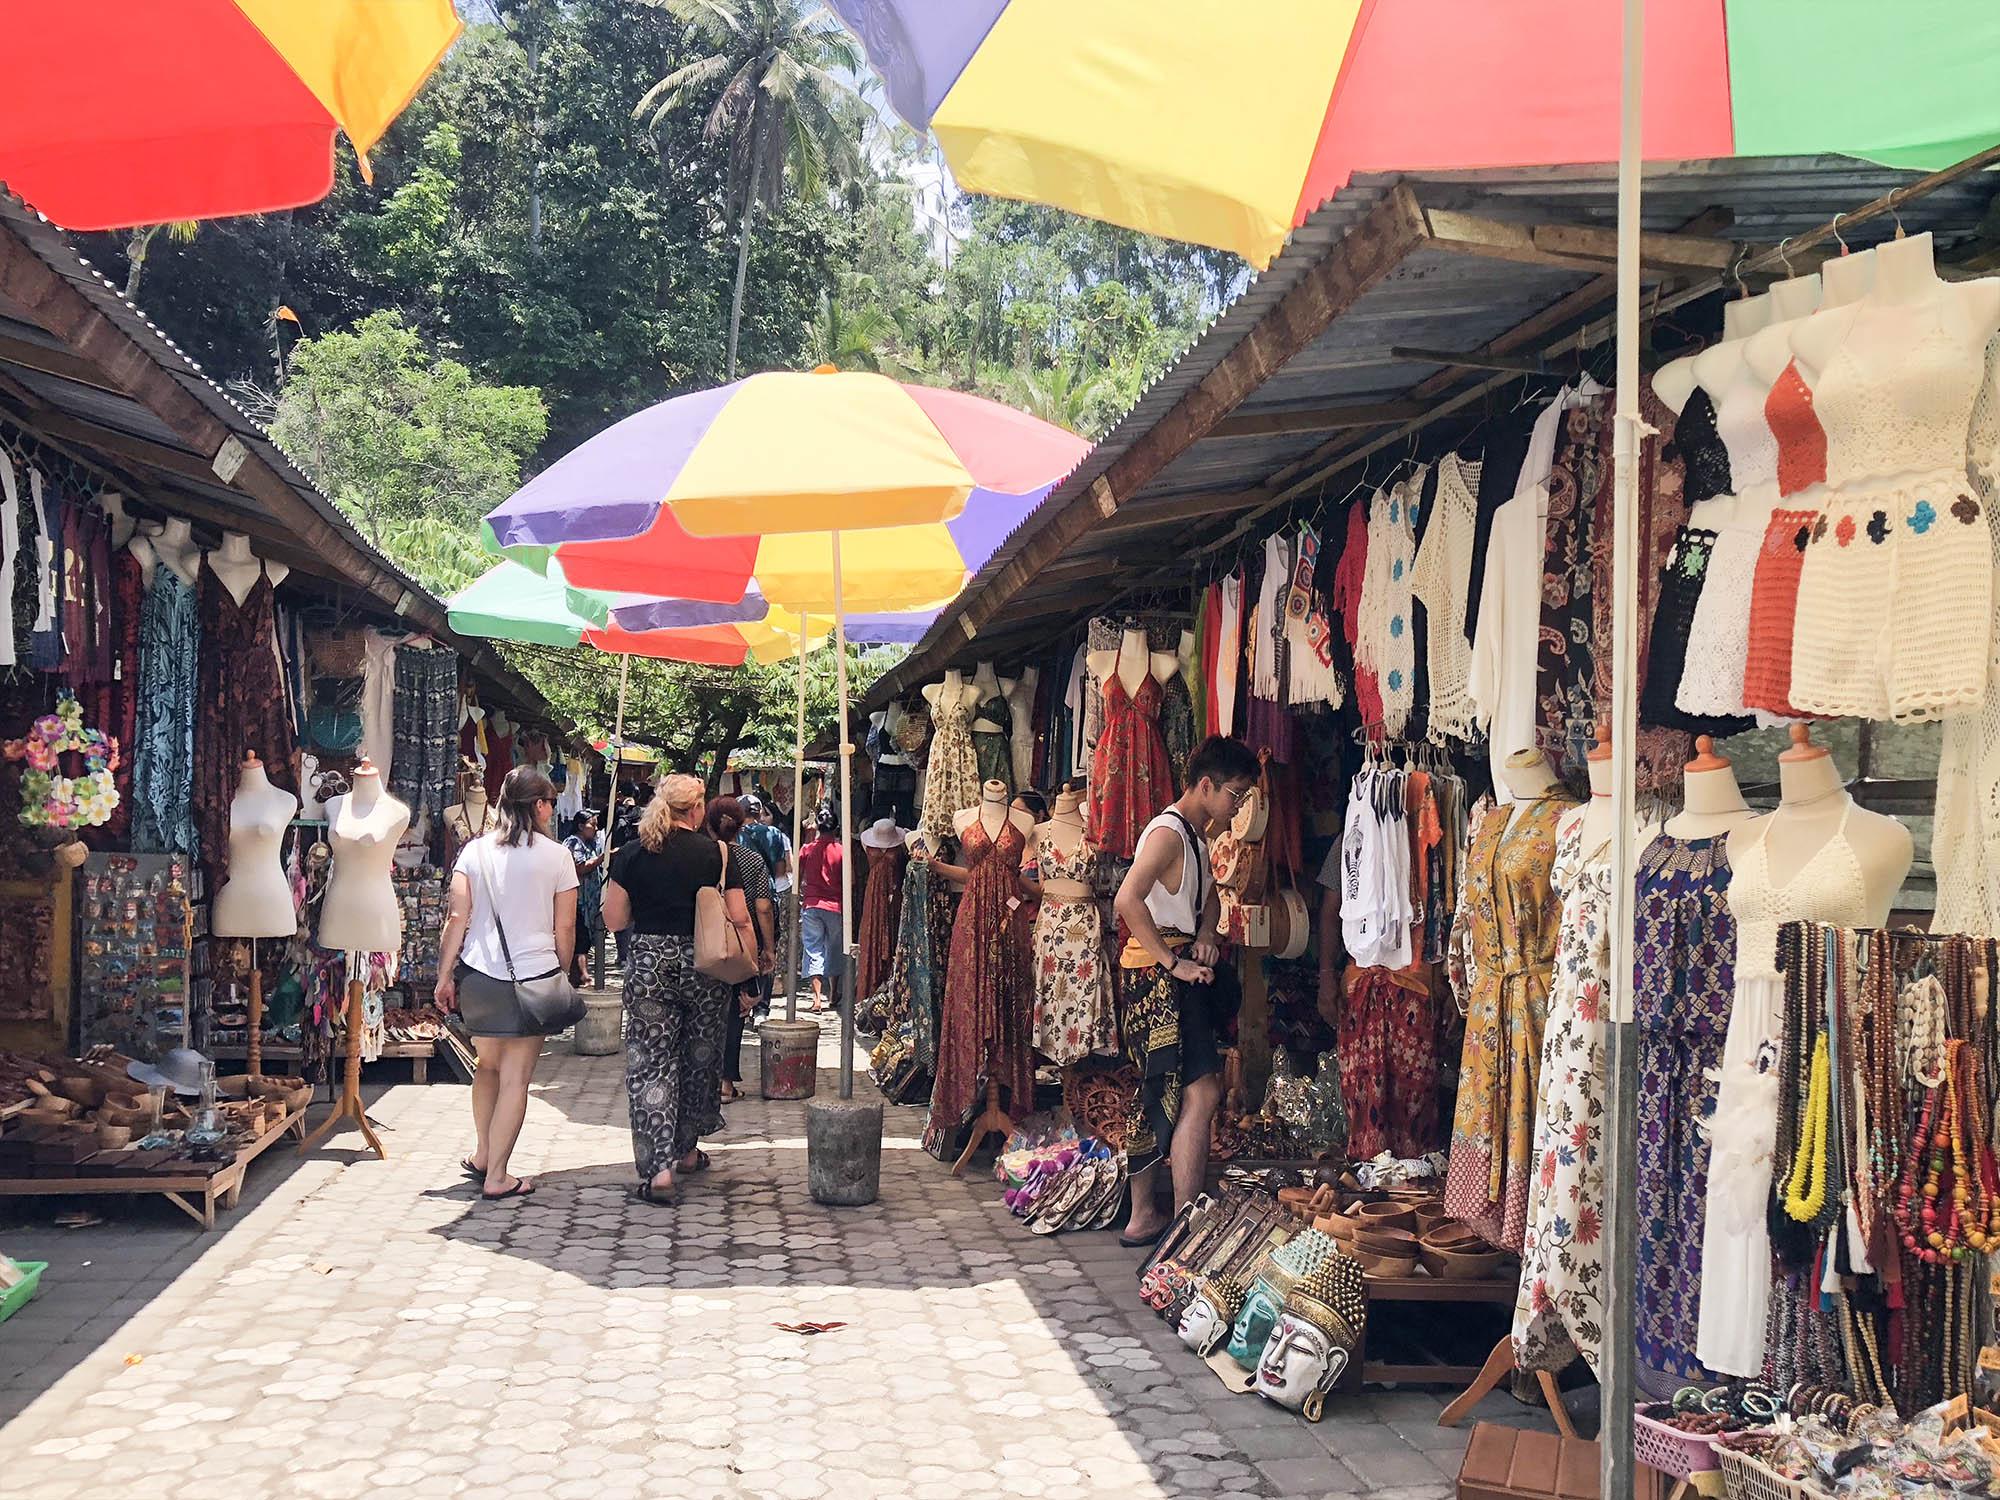 聖泉寺商店街賣衣服1